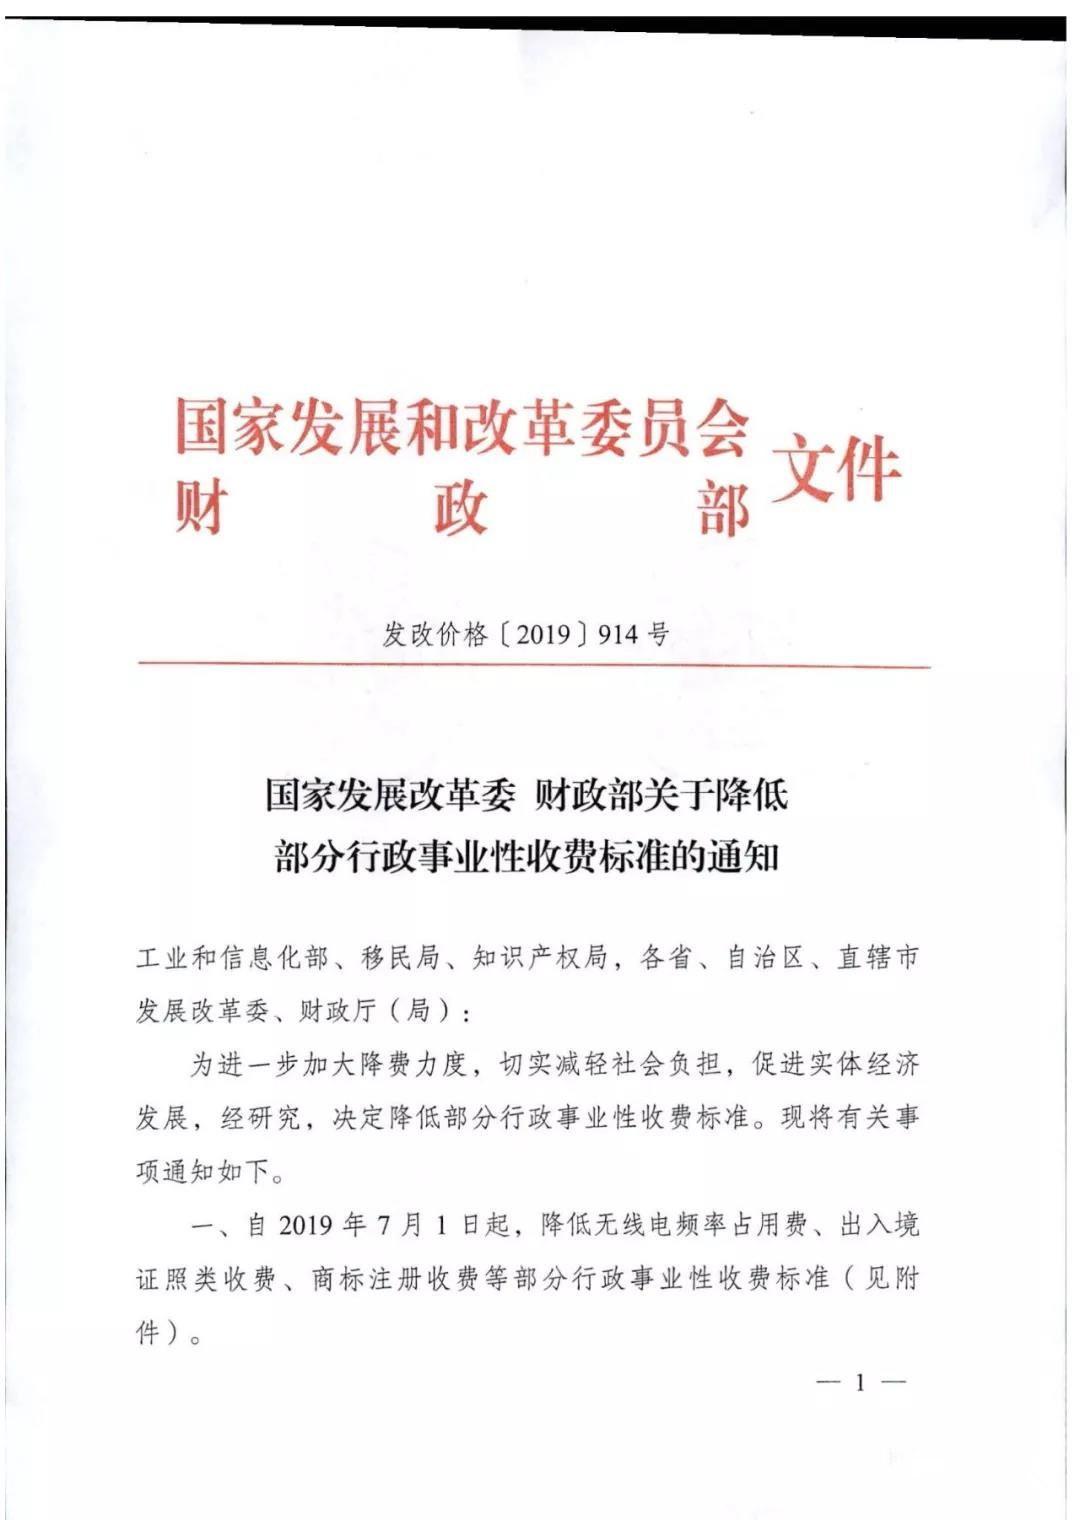 财政部:商标变更续展降费 7月1日起执行